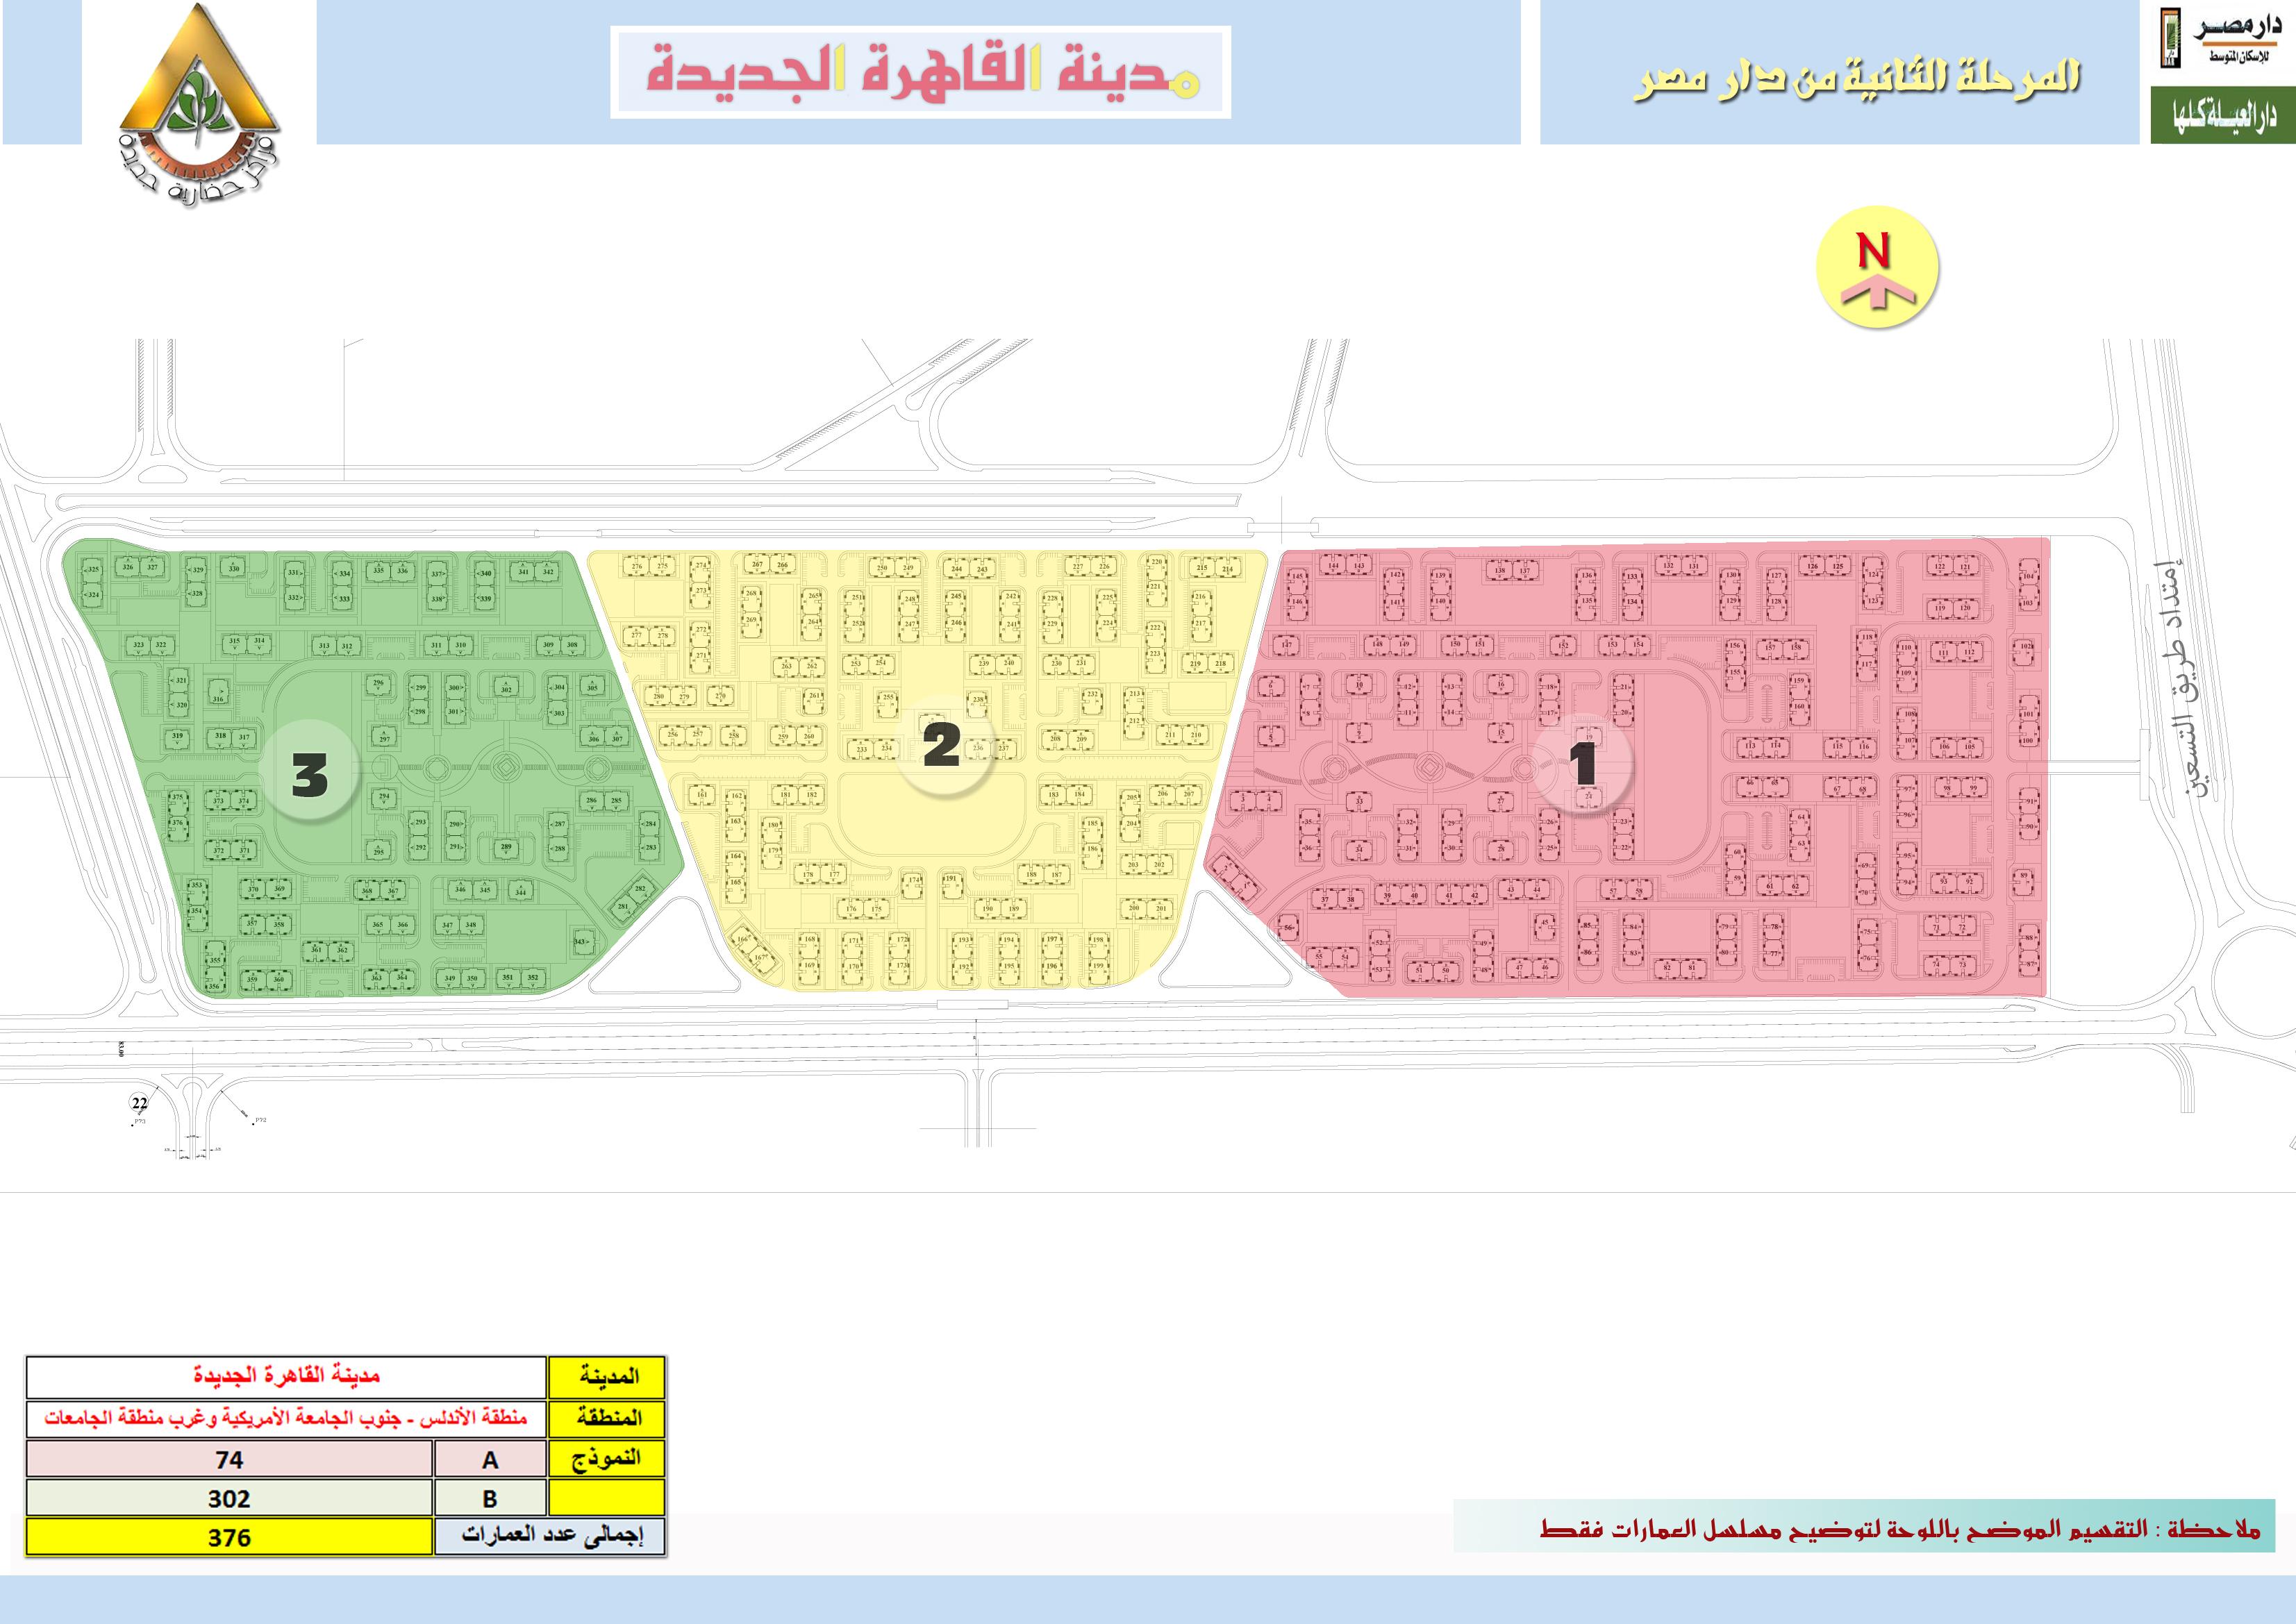 المرحلة الثانية دار مصر القاهرة الجديدة